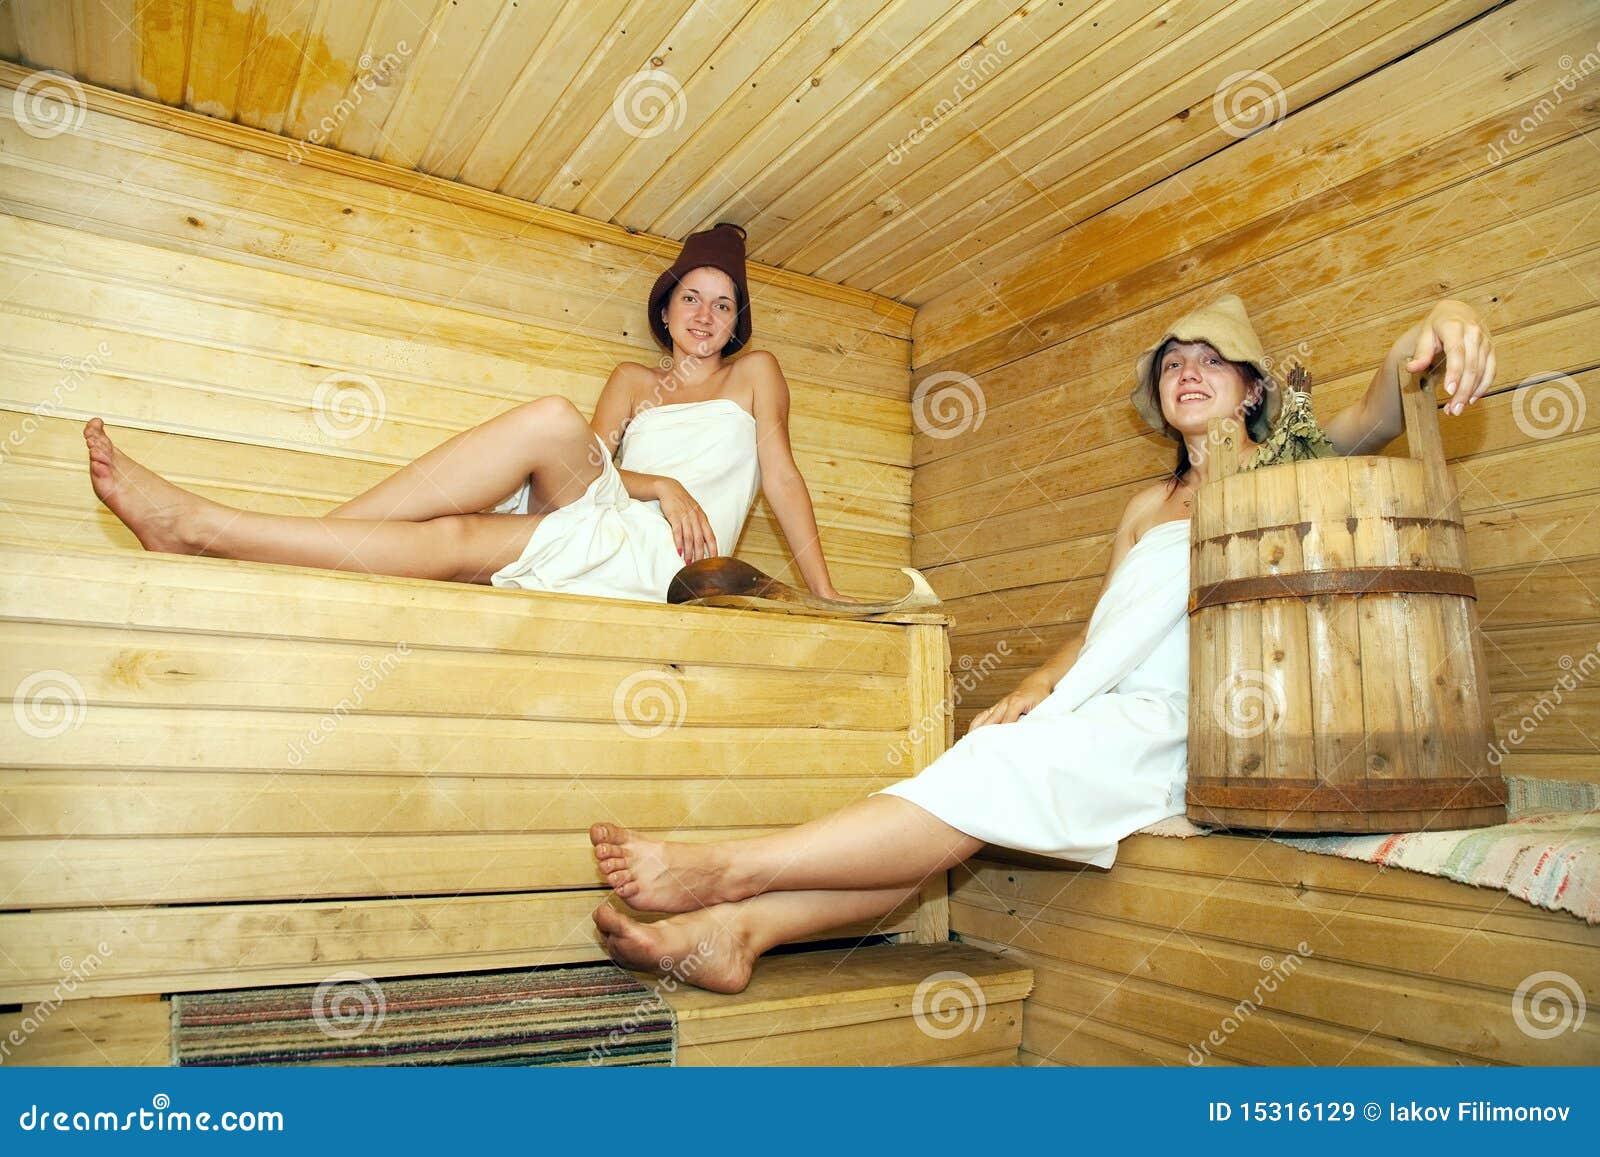 Яндекс девушки в сауне 3 фотография